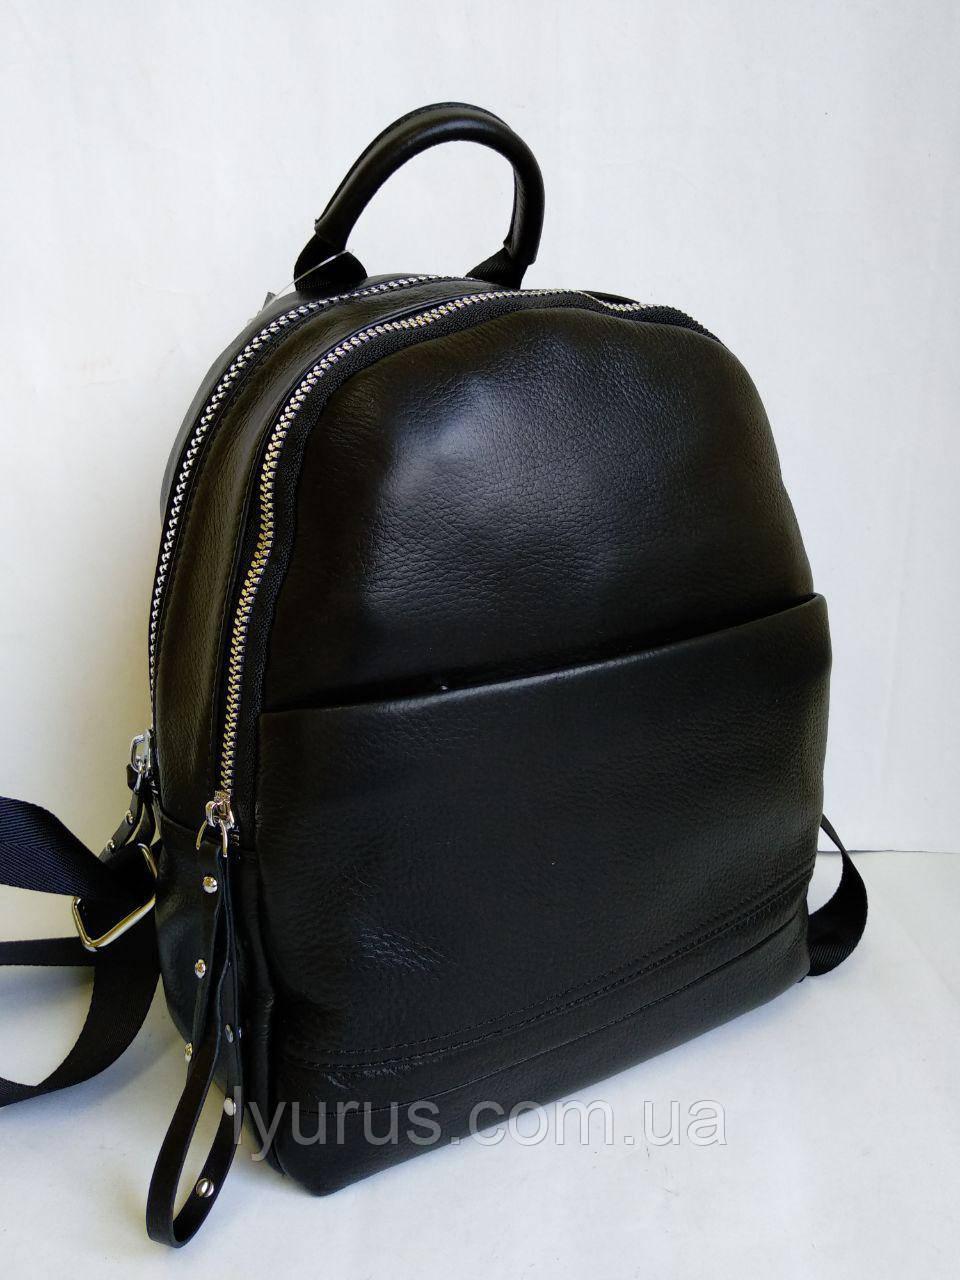 Женский кожаный рюкзак повседневный